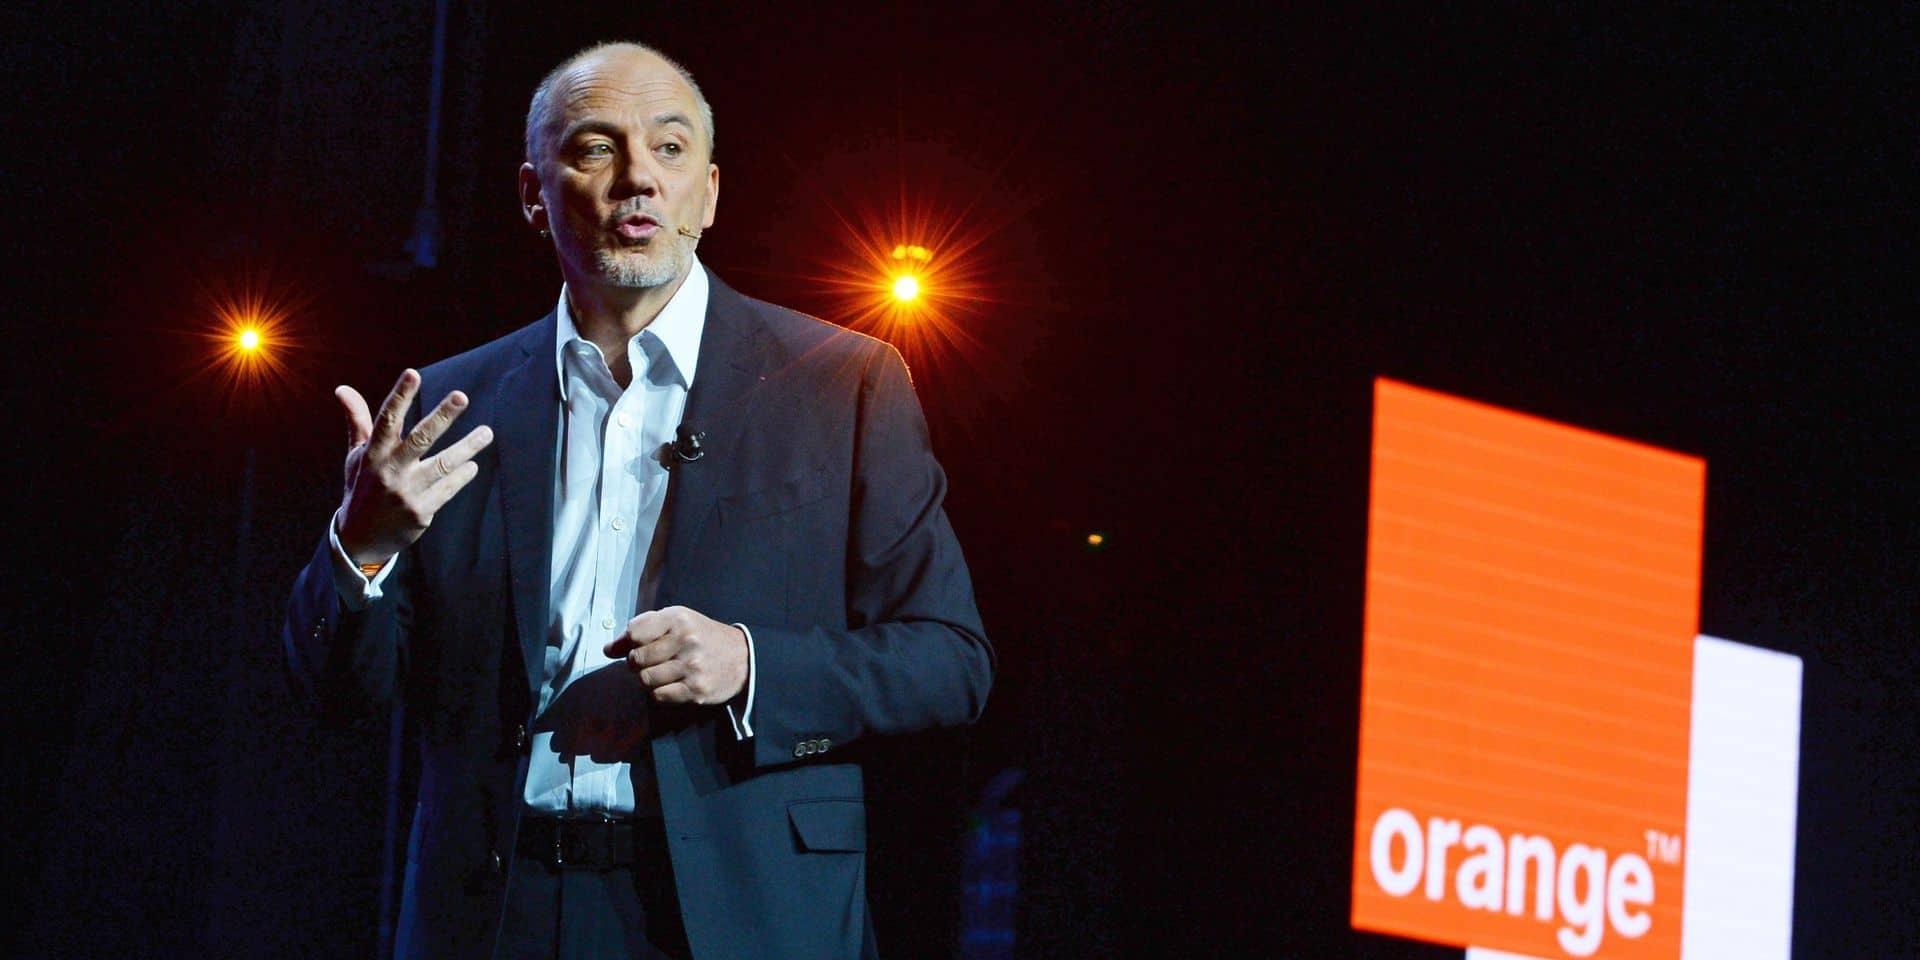 """Panne des numéros d'urgence: la situation est """"sous contrôle"""" selon le PDG d'Orange qui évoque """"une défaillance logicielle"""""""